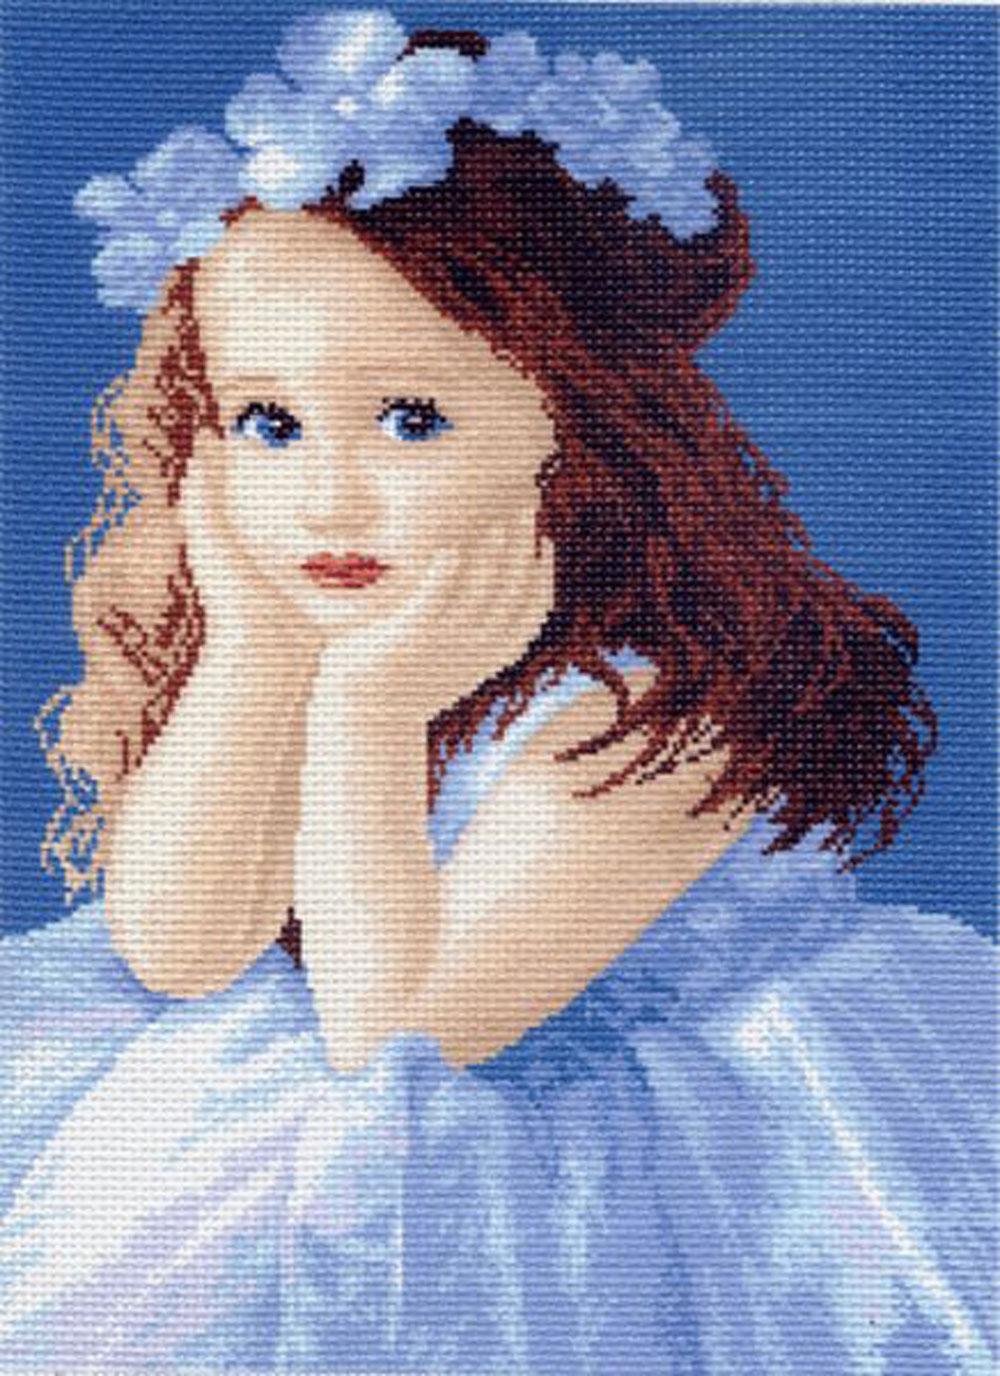 Канва с рисунком для вышивания Алёнка, 40,4 см х 29 см551038Канва с рисунком Алёнка изготовлена из хлопка, которая поможет вам создать свой личный шедевр - красивую вышитую картину. Вышивка выполняется в технике полный крестик в 2-3 нити или полукрестом в 4 нити. На полях рисунка указаны цветовая палитра и предполагаемый метраж ниток для вышивки. Вышивание отвлечет вас от повседневных забот и превратится в увлекательное занятие! Работа, сделанная своими руками, создаст особый уют и атмосферу в доме и долгие годы будет радовать вас и ваших близких. Рекомендуемое количество цветов: 17. Размер готового рисунка: 40,4 см х 29 см. Нитки в комплект не входят.